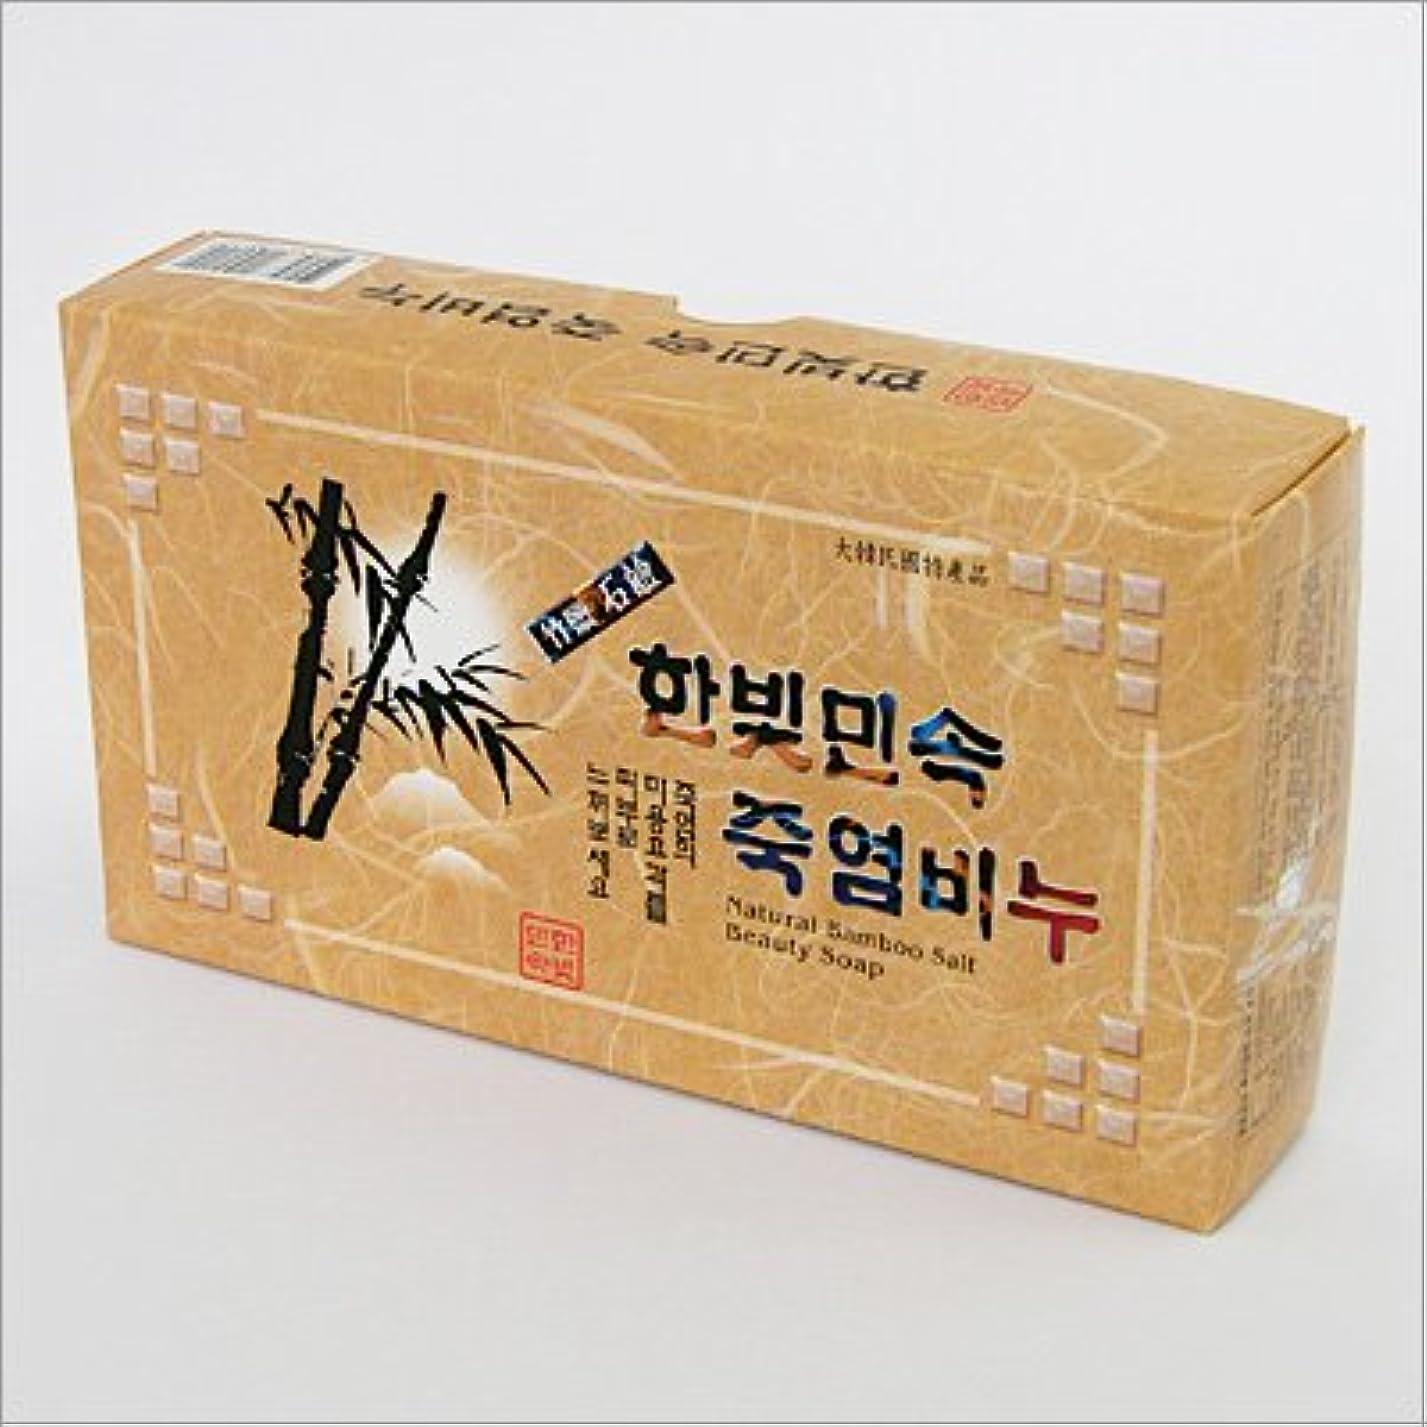 収益仲介者デッキ(韓国ブランド) 韓国 竹塩石鹸(3個セット)